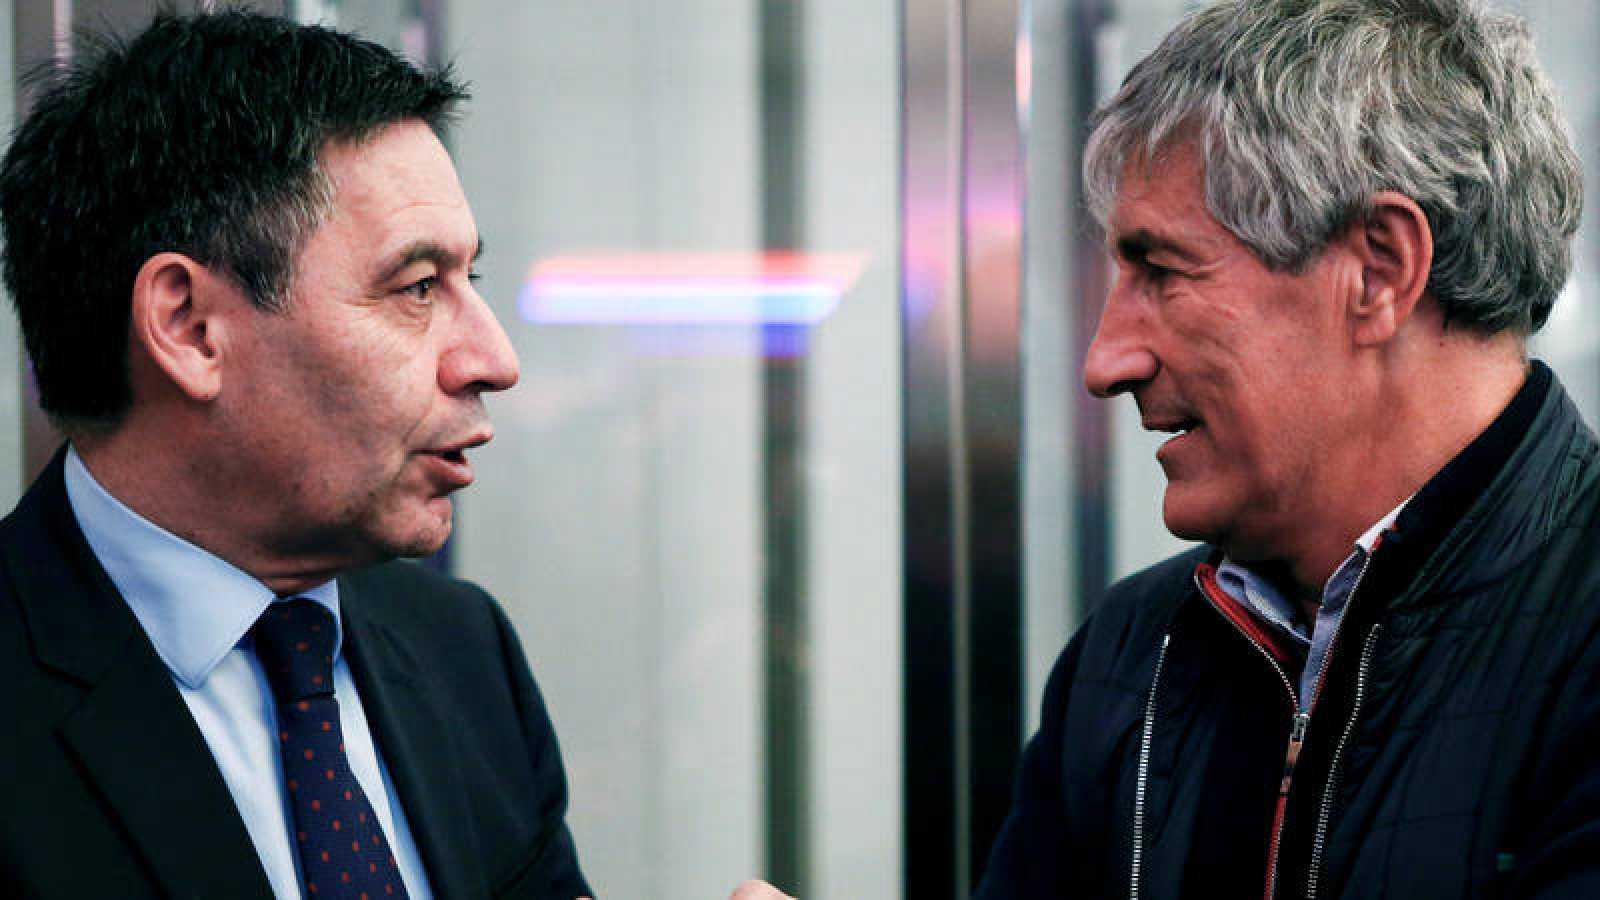 El presidente del FC Barcelona, Josep Maria Bartomeu (i), conversa con el entonces entrenador del primer equipo, Quique Setién, el pasado febrero